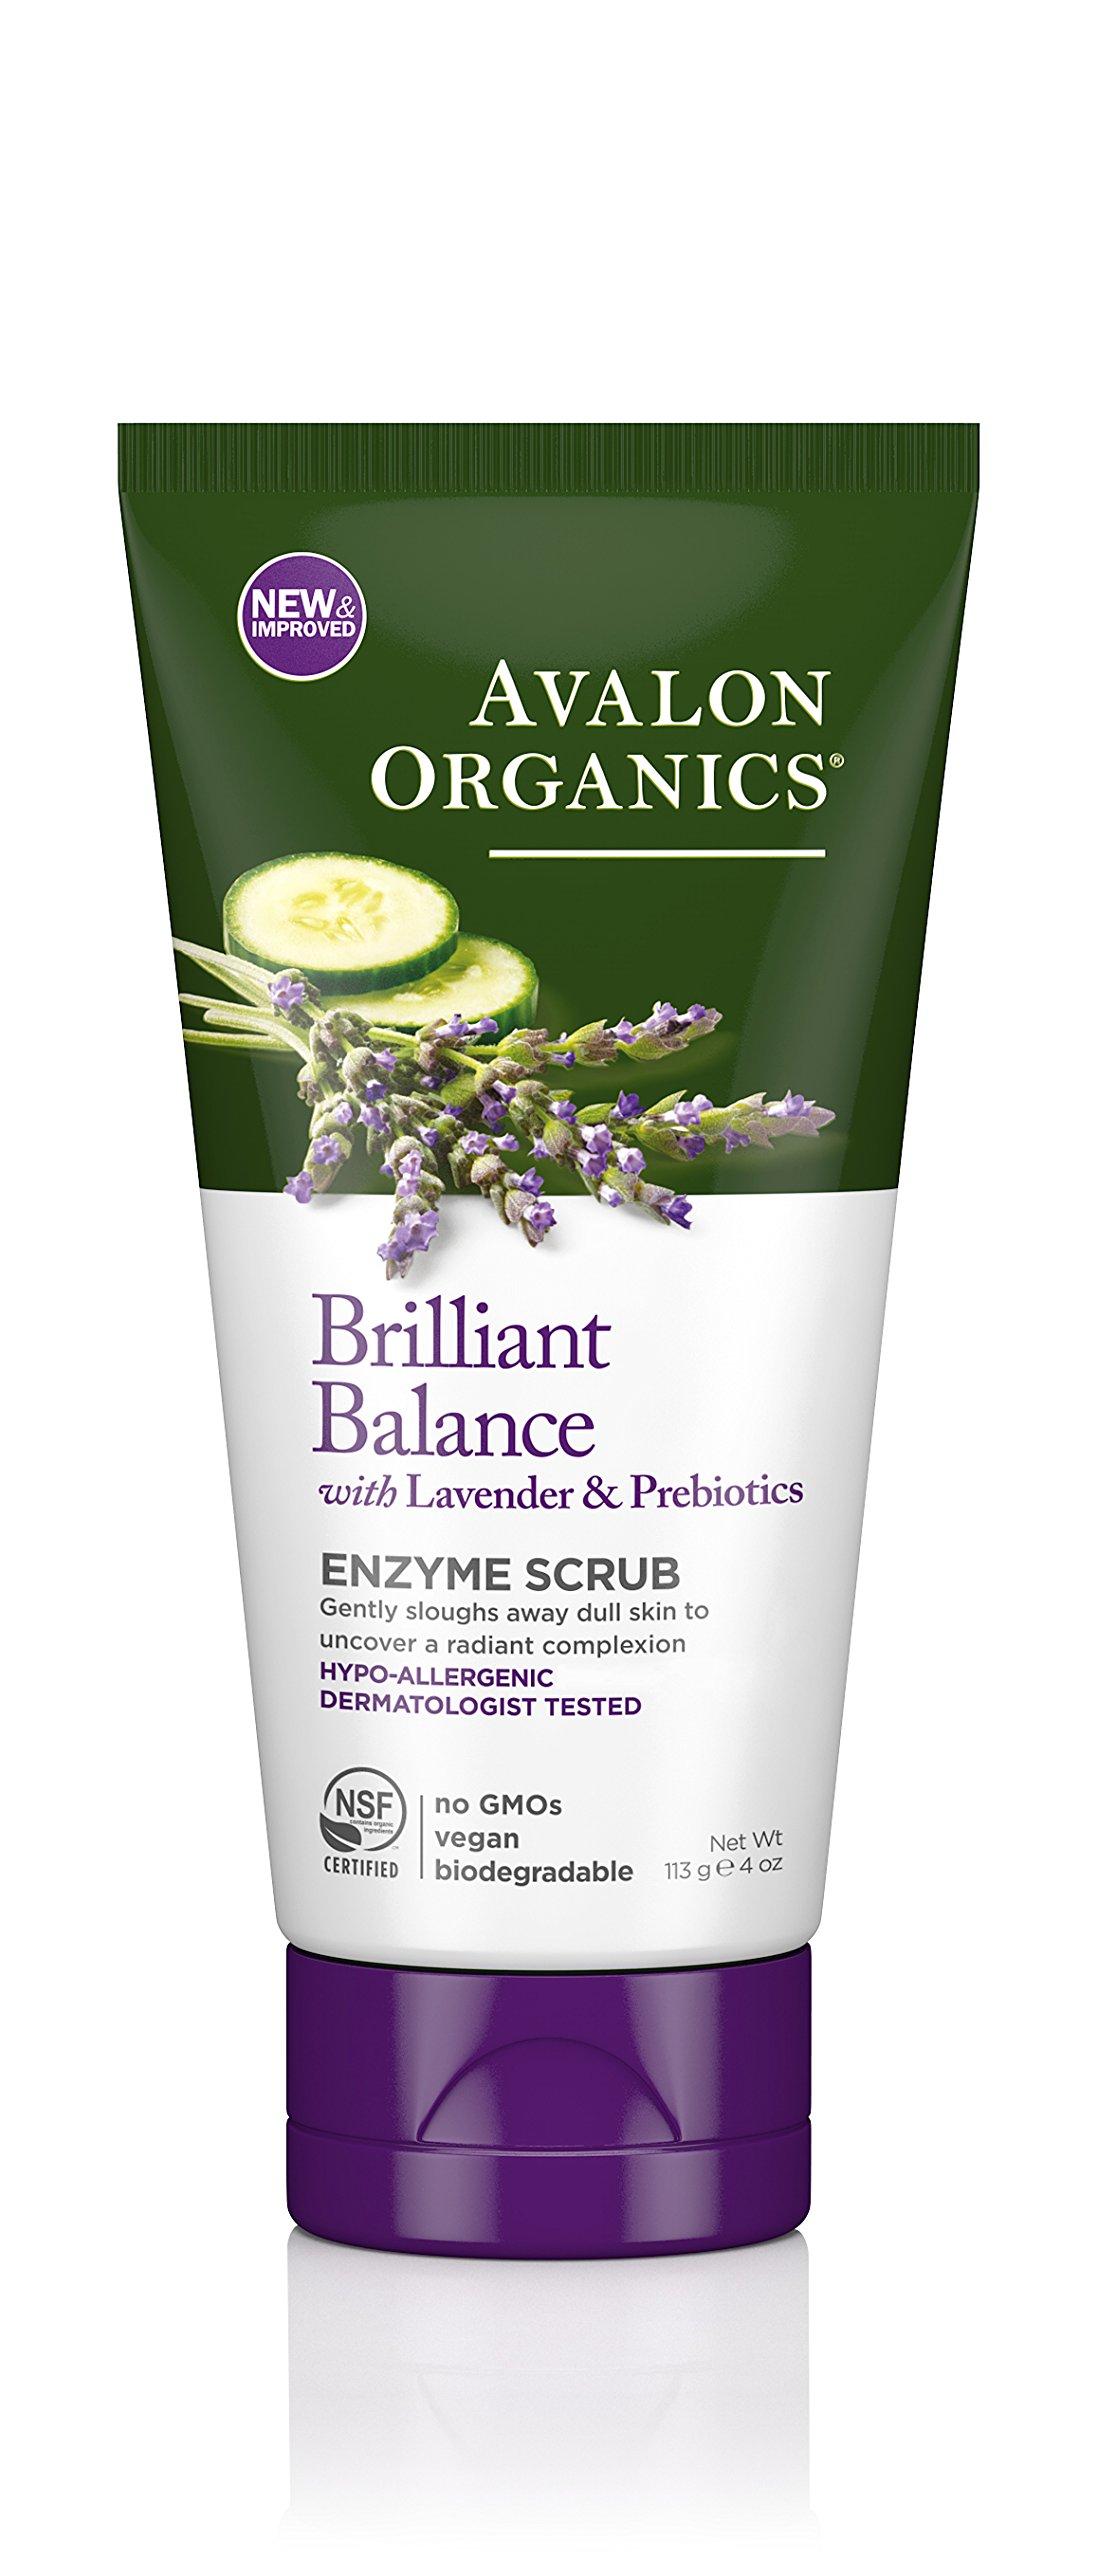 Avalon Organics Brilliant Balance Enzyme Scrub, 4 Ounce